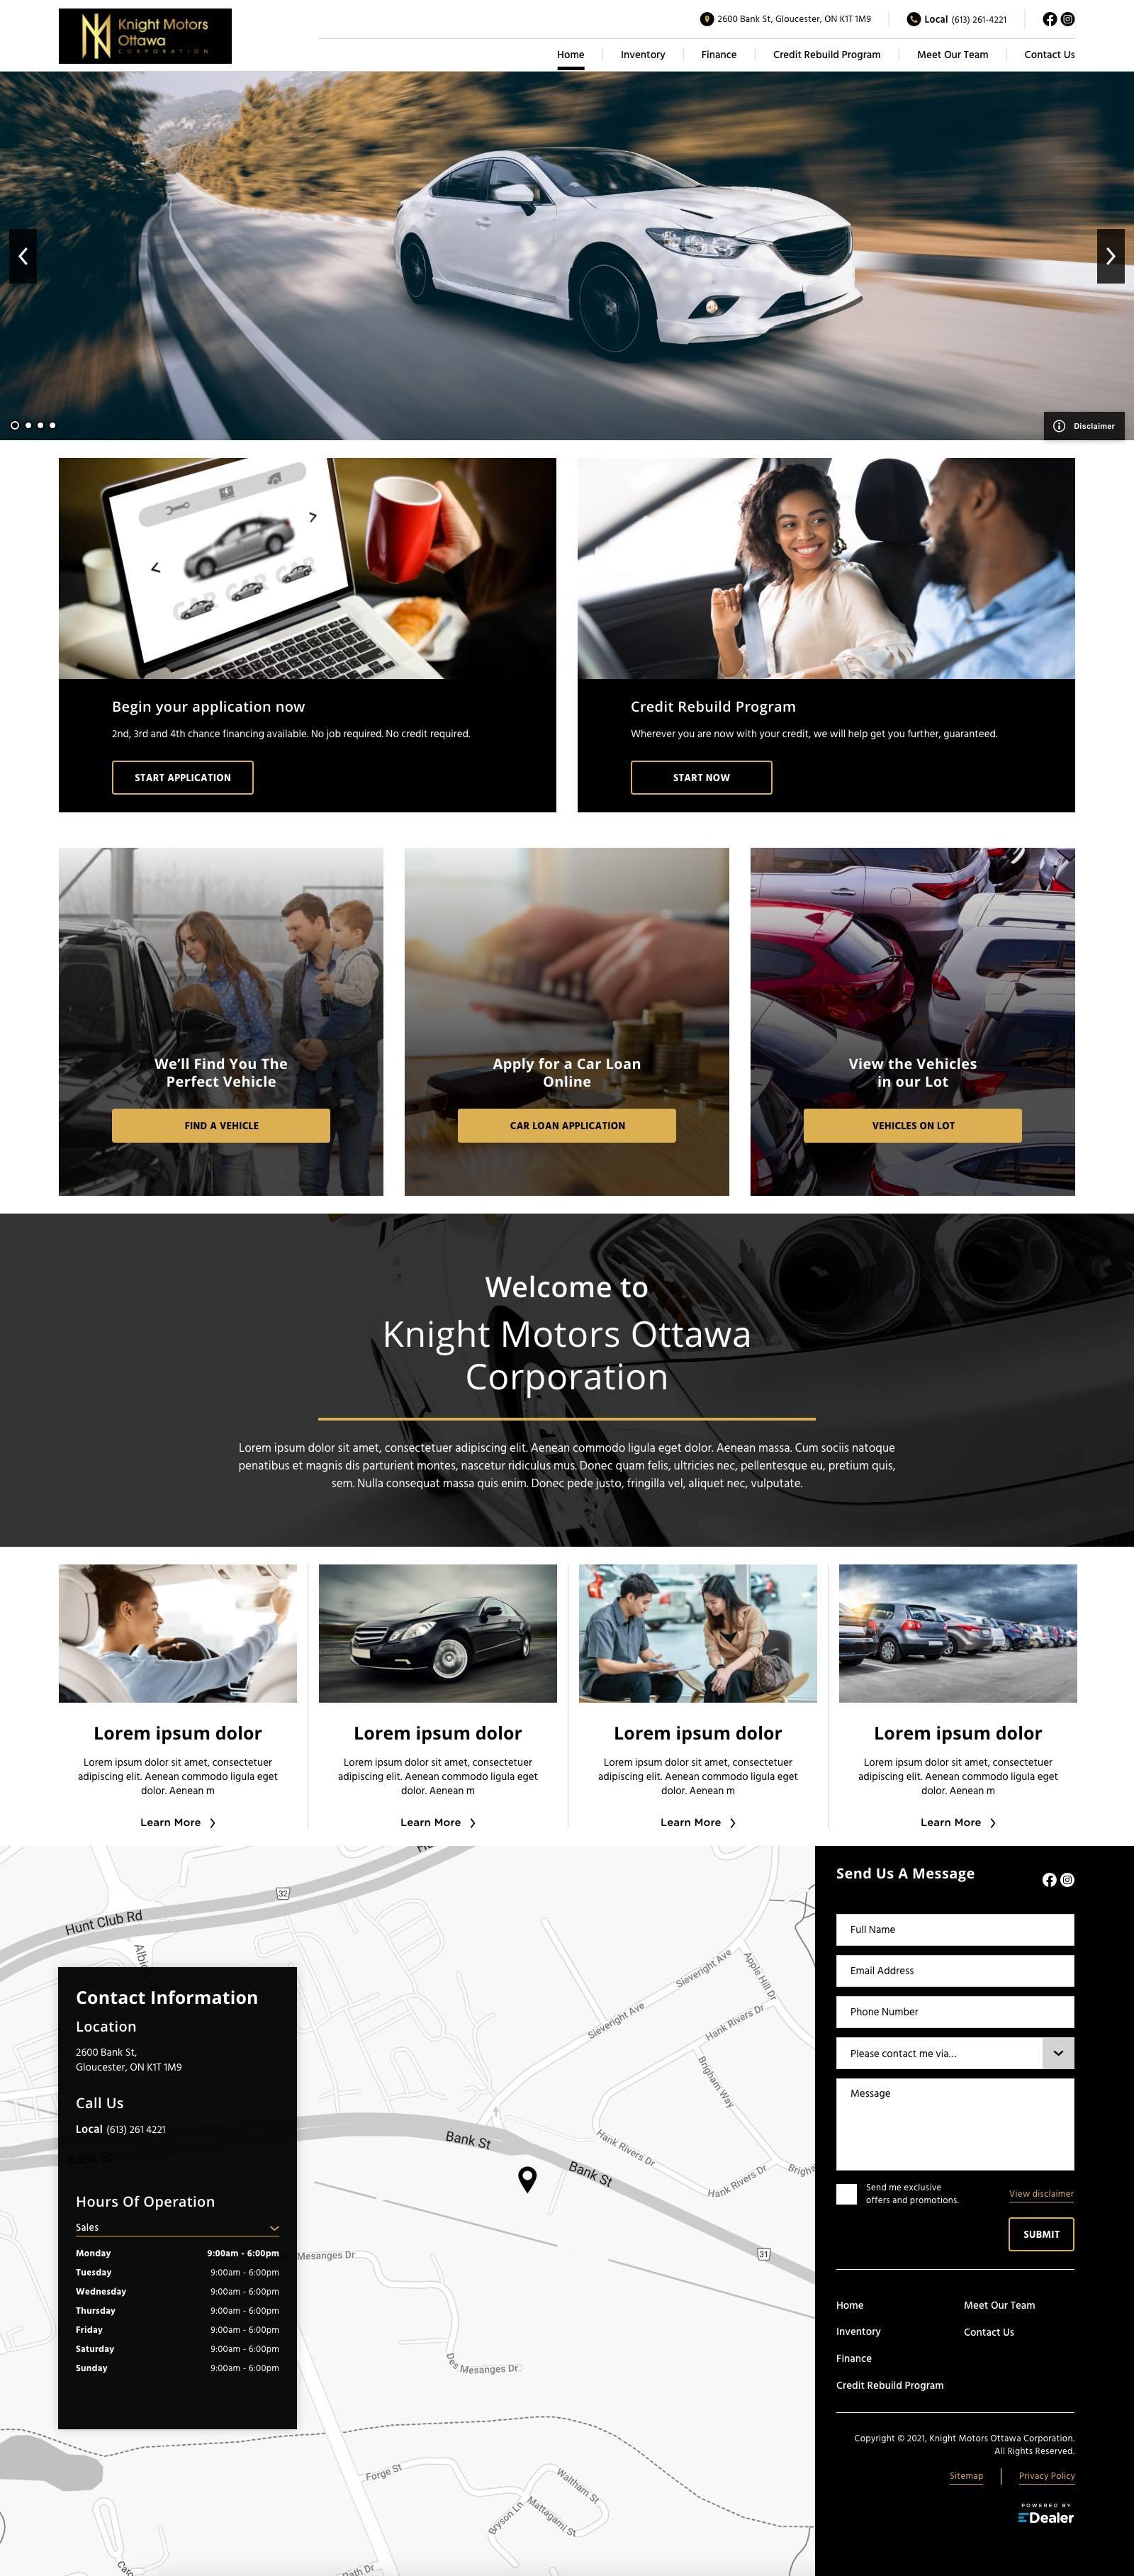 Knight Motors Ottawa